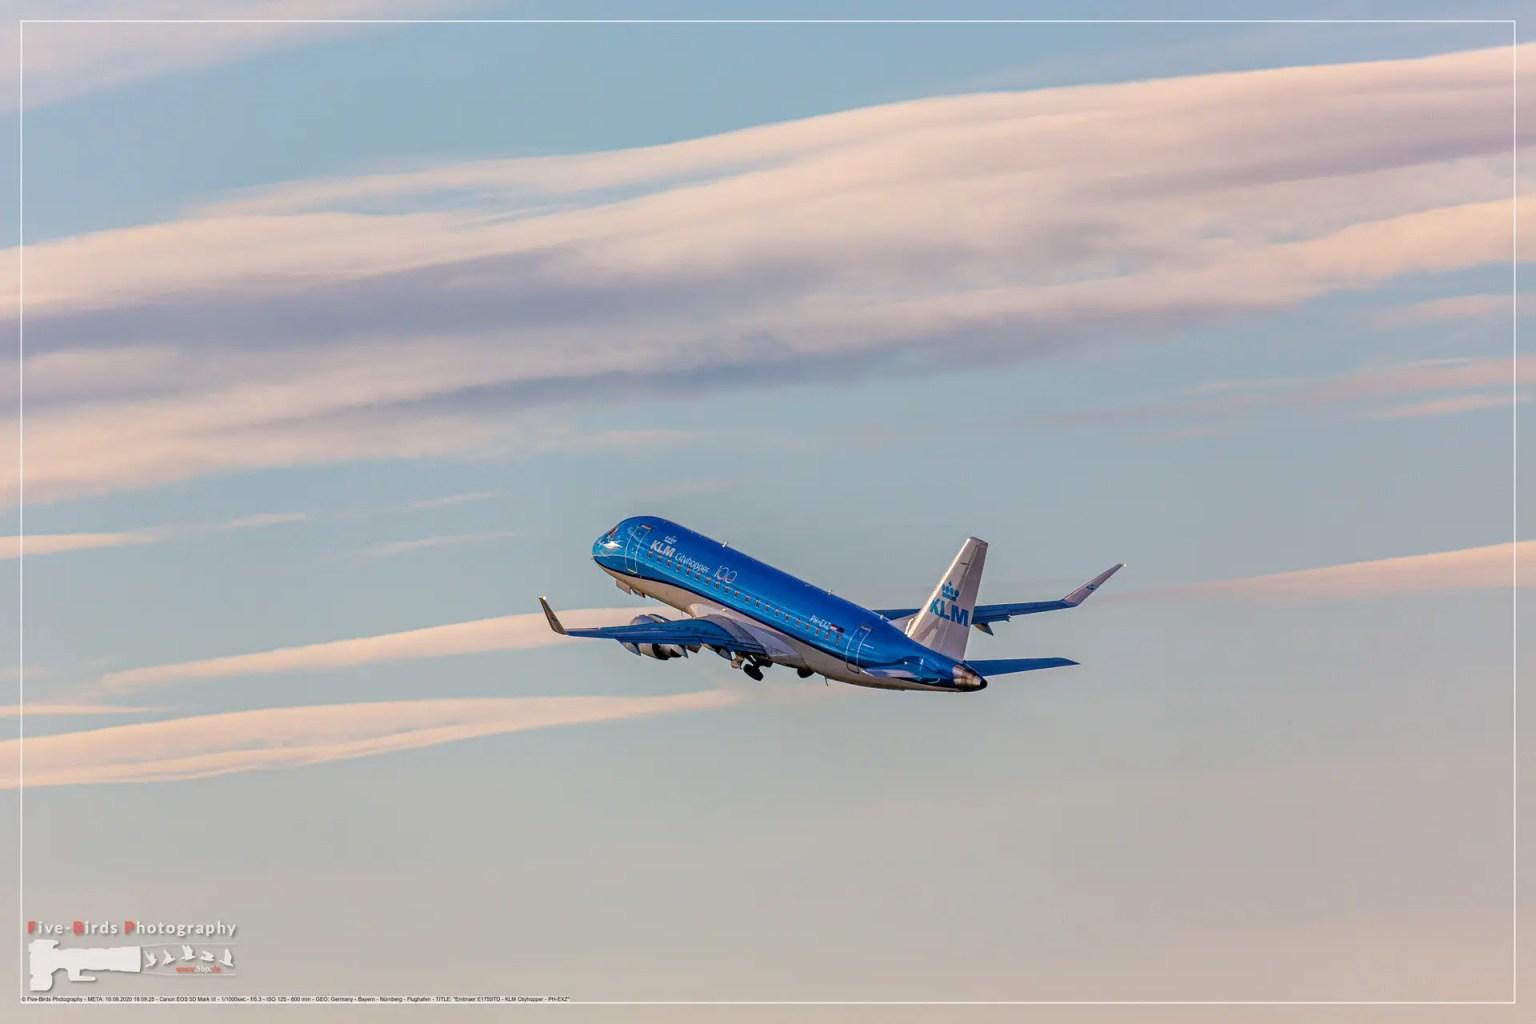 Embraer E175STD - KLM Cityhopper - PH-EXZ